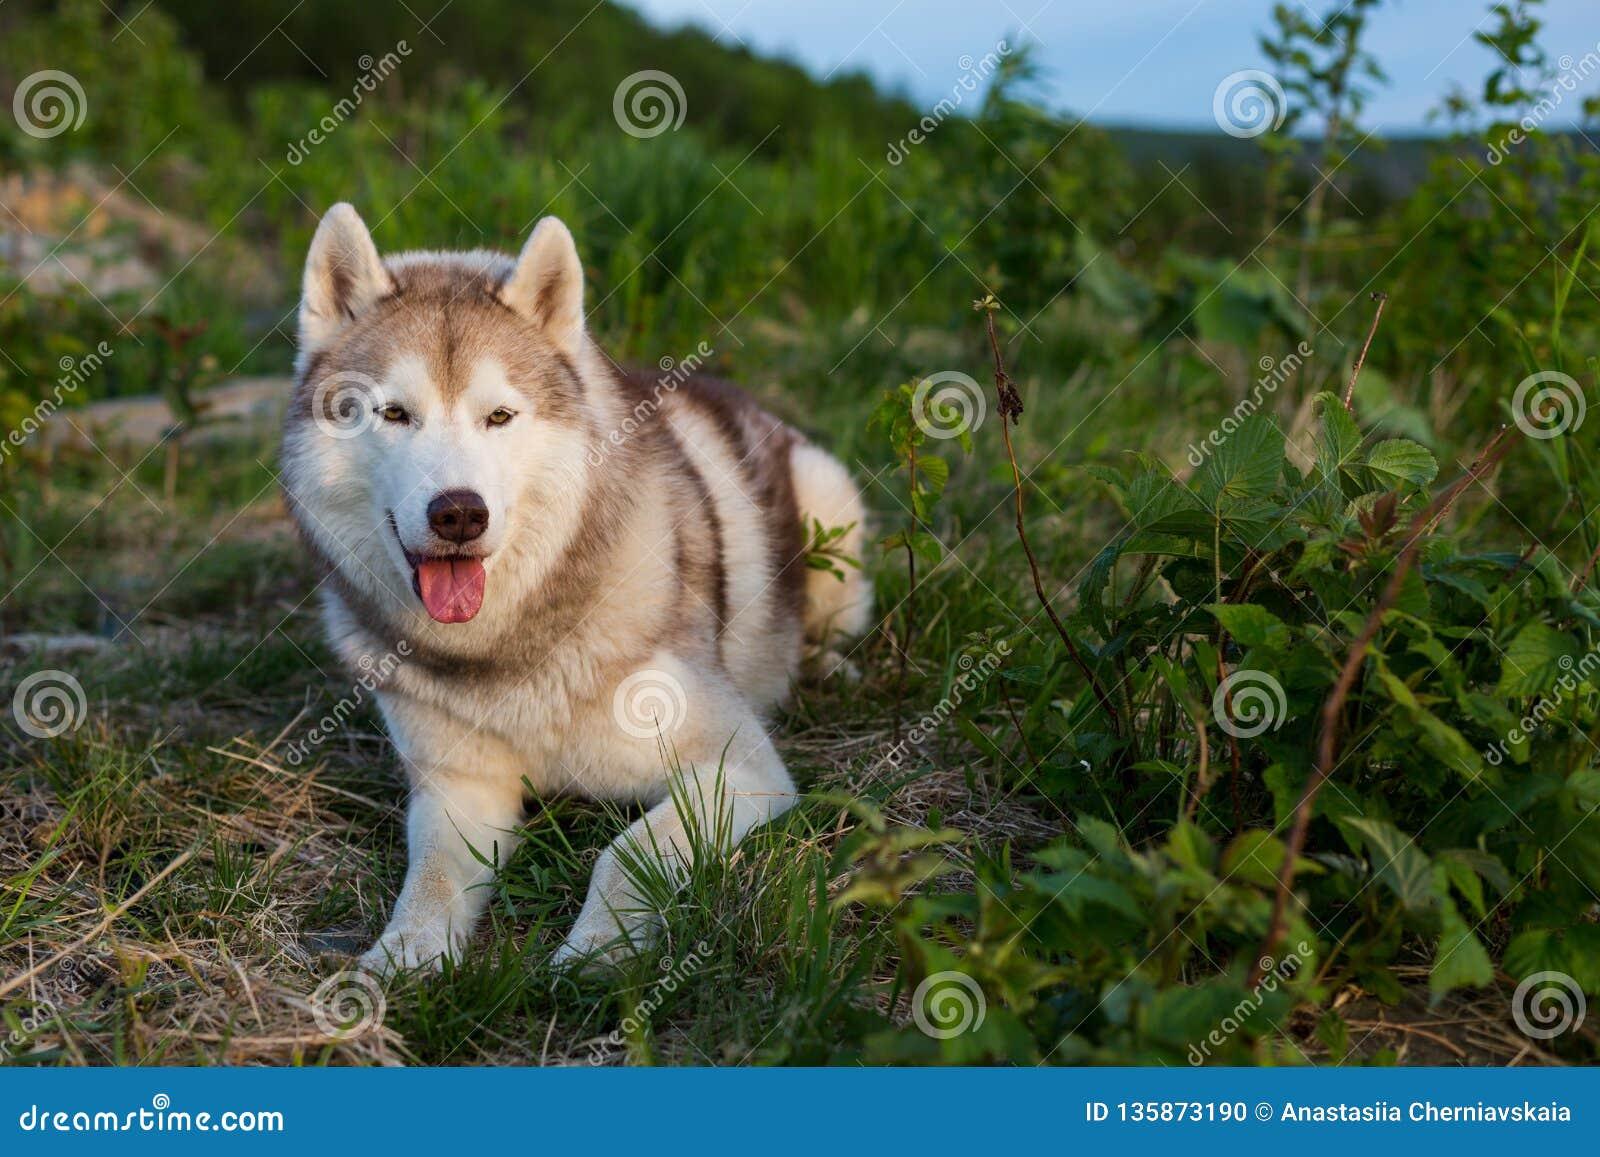 Изображение свободной и prideful бежевой и белой сибирской сиплой собаки лежа на холме в зеленой траве на заходе солнца